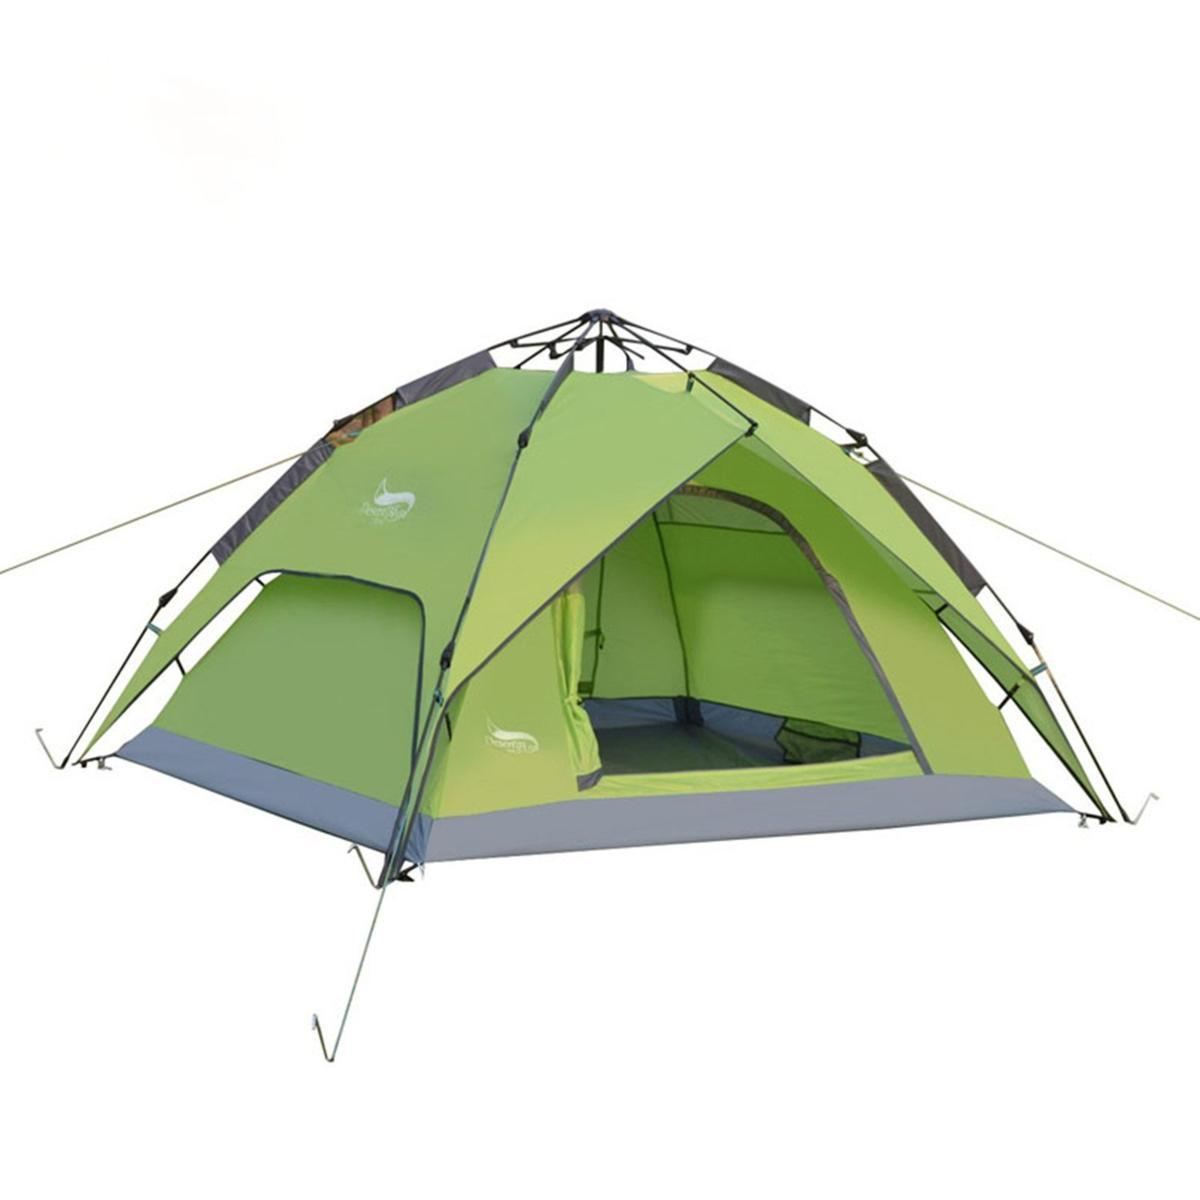 新品ワンタッチテント テント 3~4人用 設営簡単 防災用 2WAY キャンプ用品 撥水加工 紫外線防止 登山 折りたたみ 防水 通気性TT087_画像3